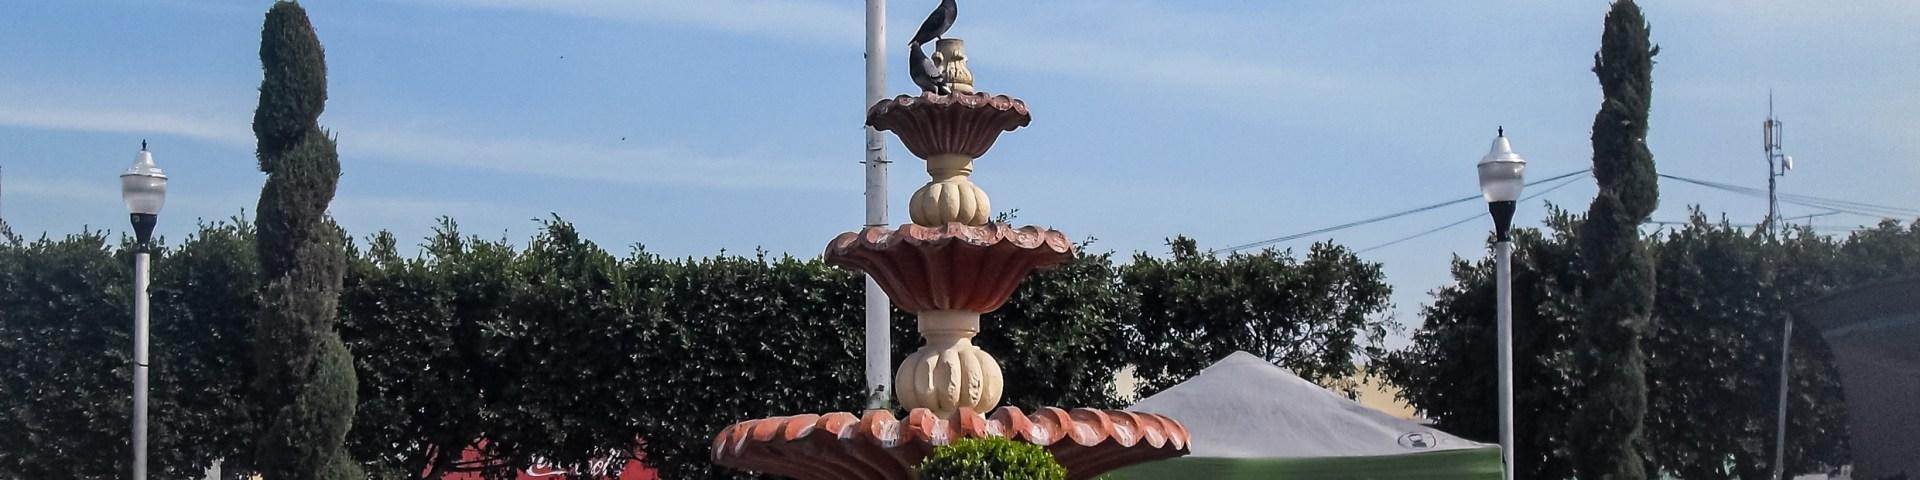 Fuente dentro del jardín municipal de Progreso de Obregón